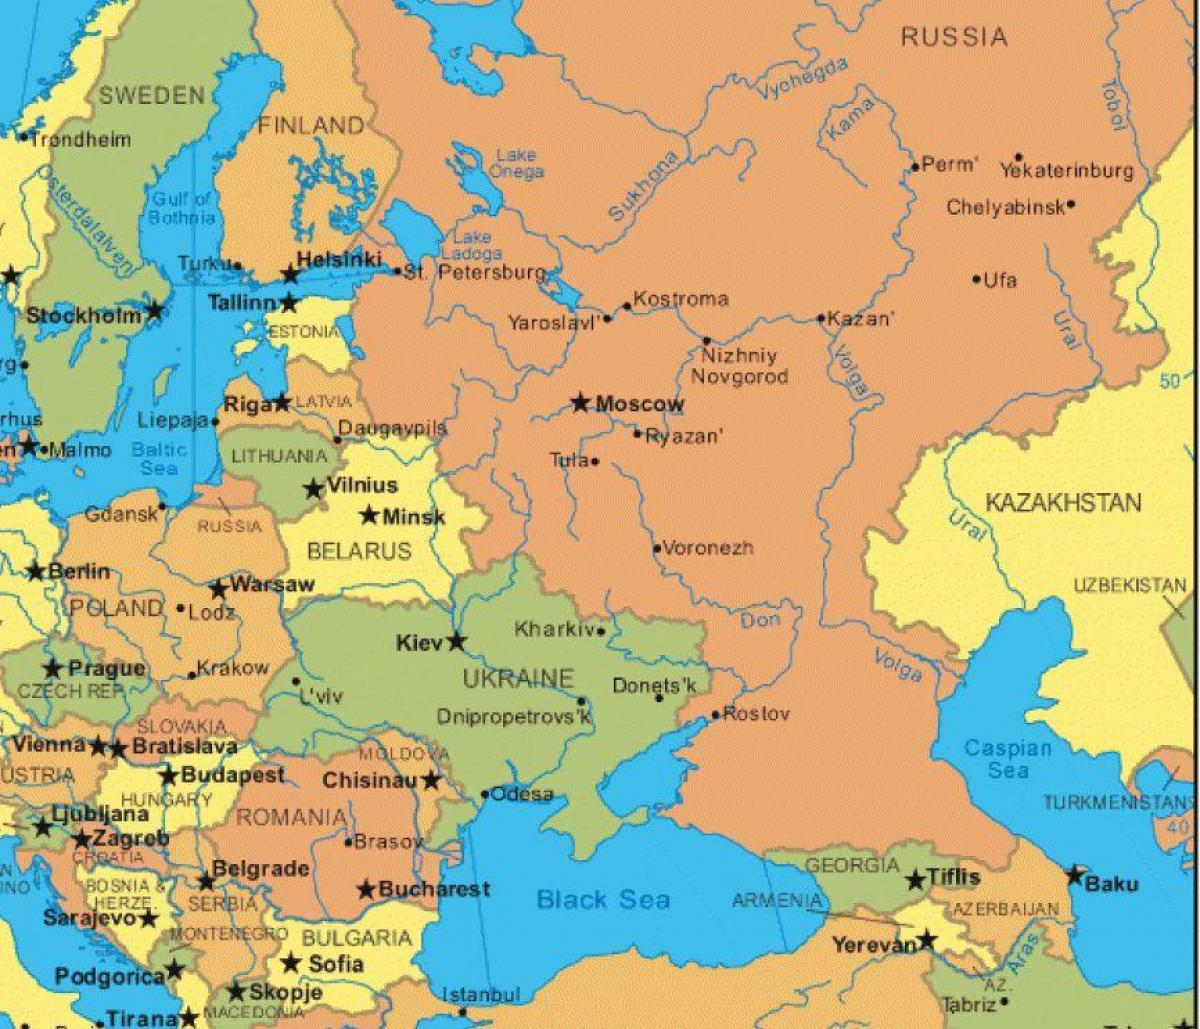 östra europa karta Karta över östra europa och Ryssland   Ryssland och östra europa  östra europa karta